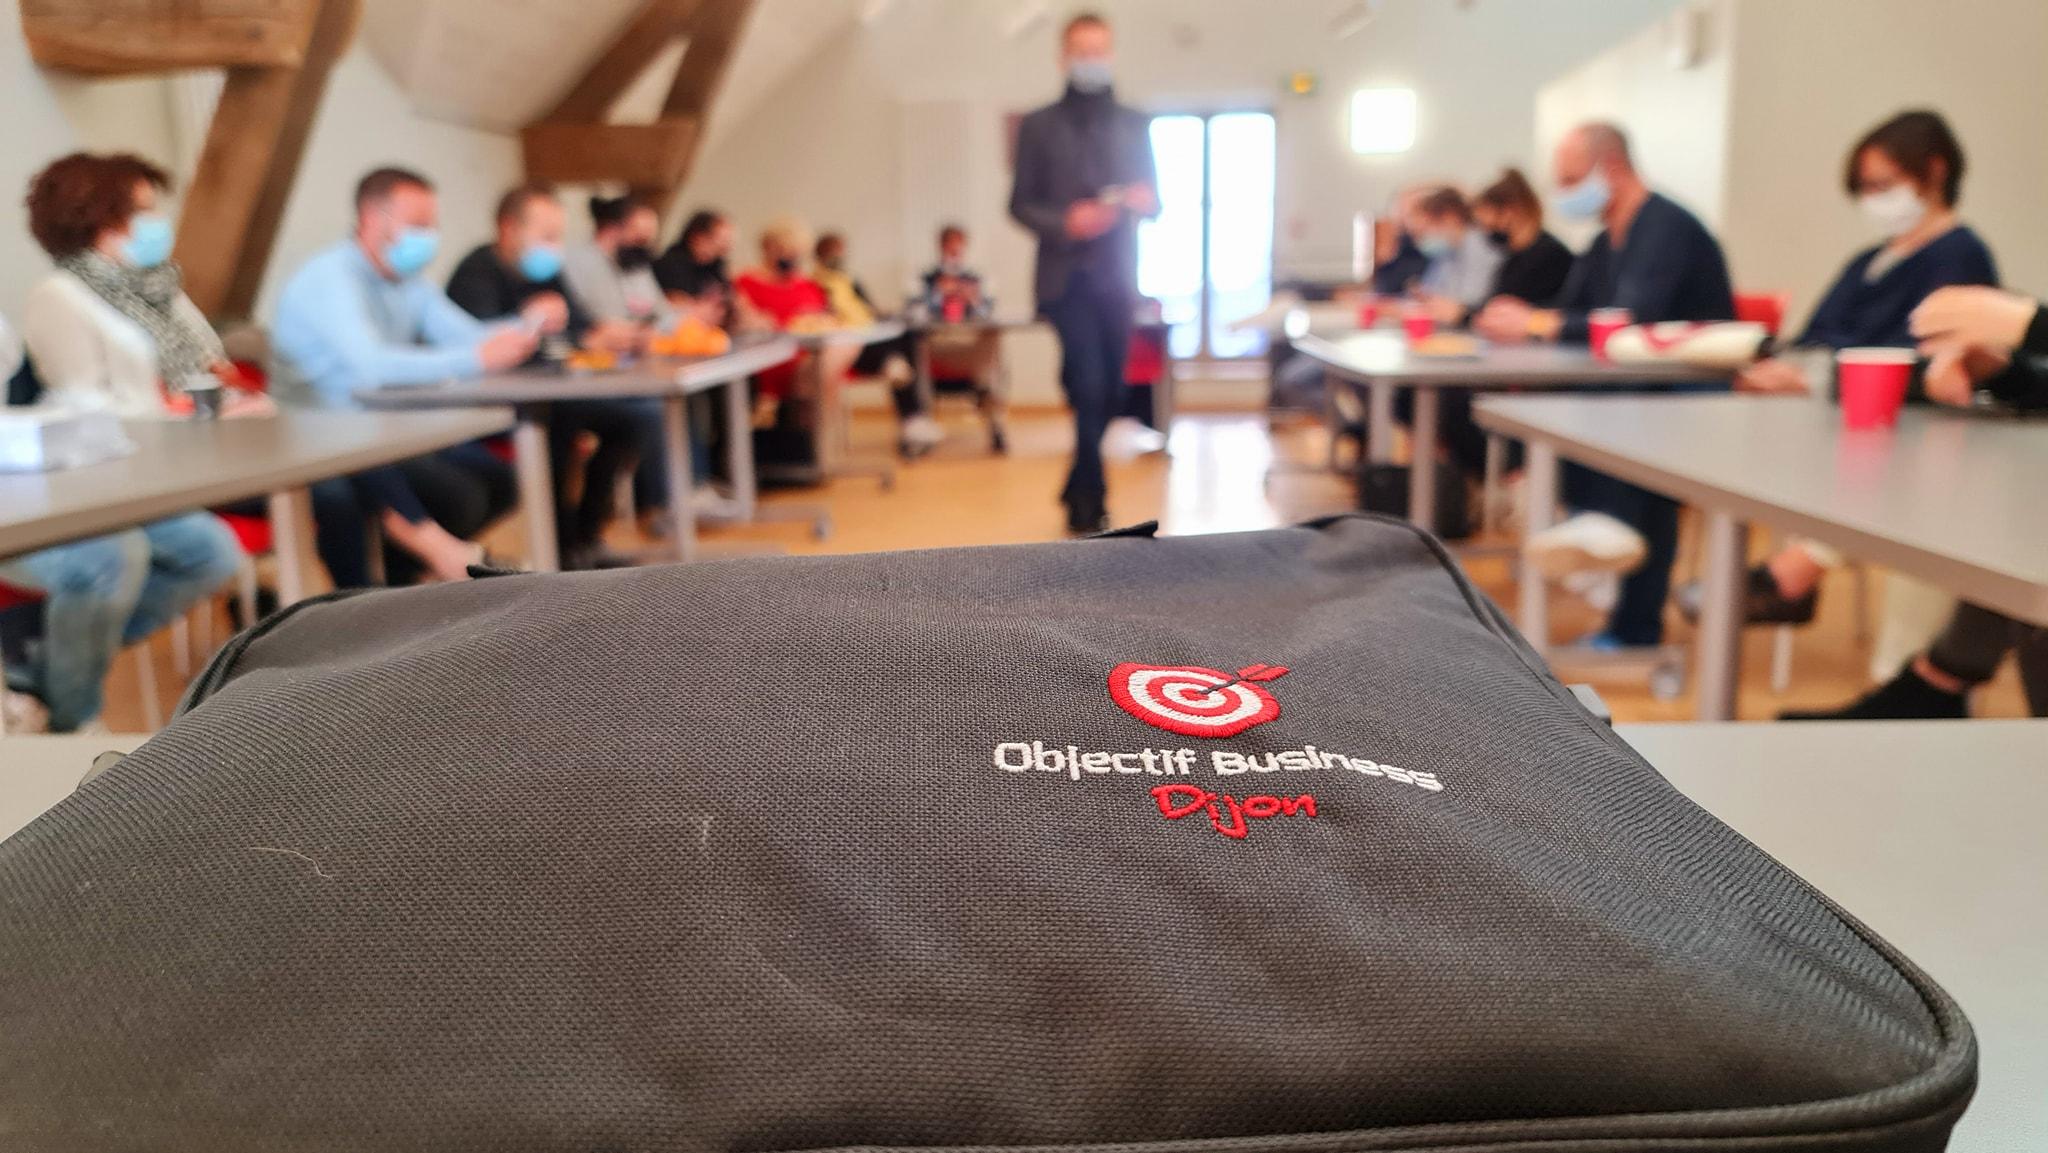 pochette des membres du réseau Objectif Business Dijon